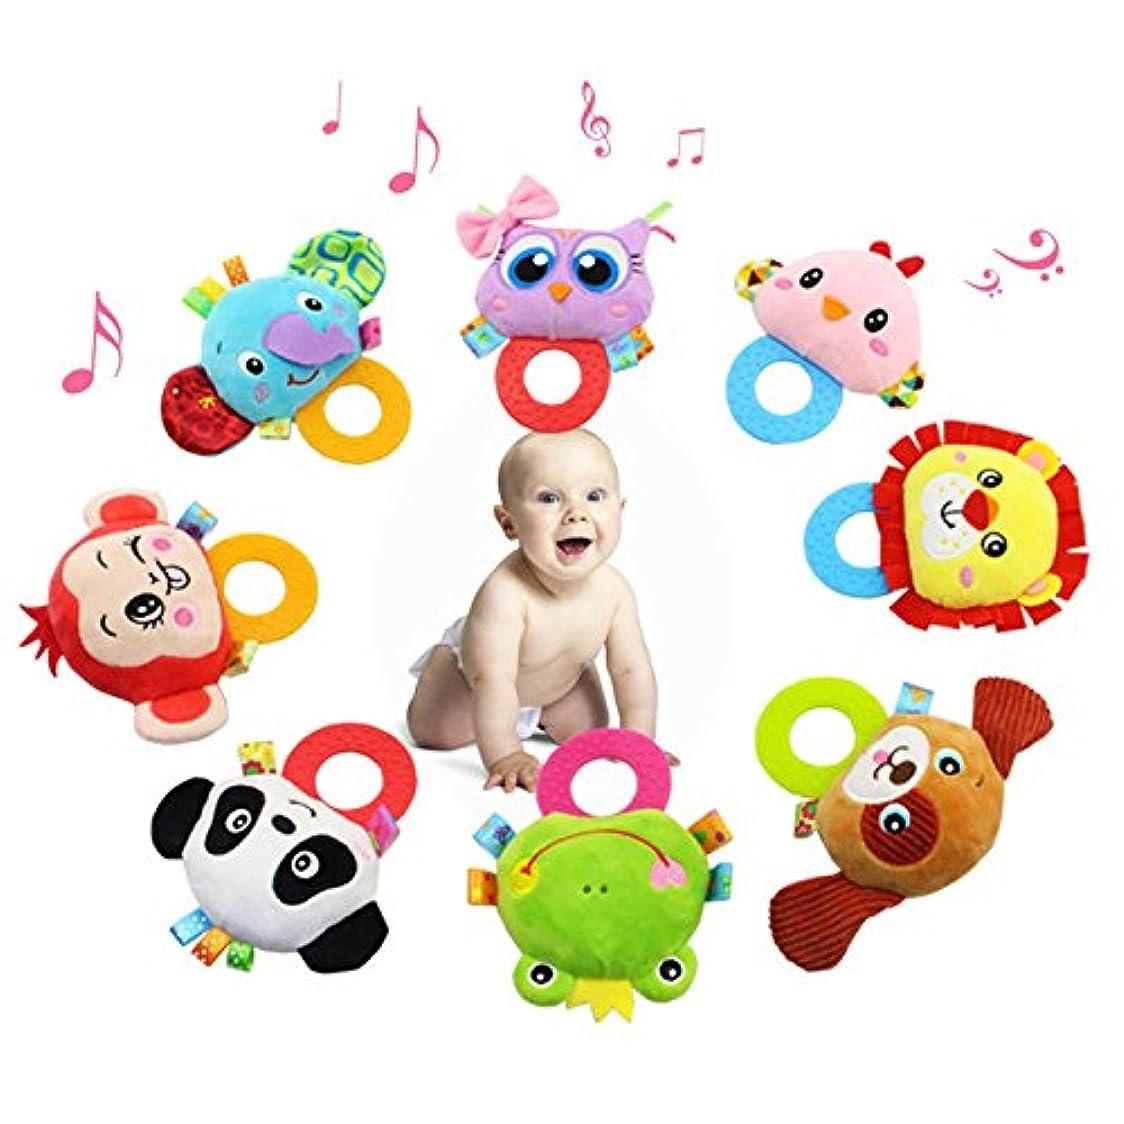 順応性のある安全性呼吸するLiebeye にぎる かむ歯固め 赤ちゃん おもちゃ ラトル 歯がため なめなめ ベビー おしゃぶり 0歳から 出産祝い 知育玩具 赤ちゃん おもちゃ ぬいぐるみ 象 猿 ライオン ラトル人形 幼児ギフト レッド